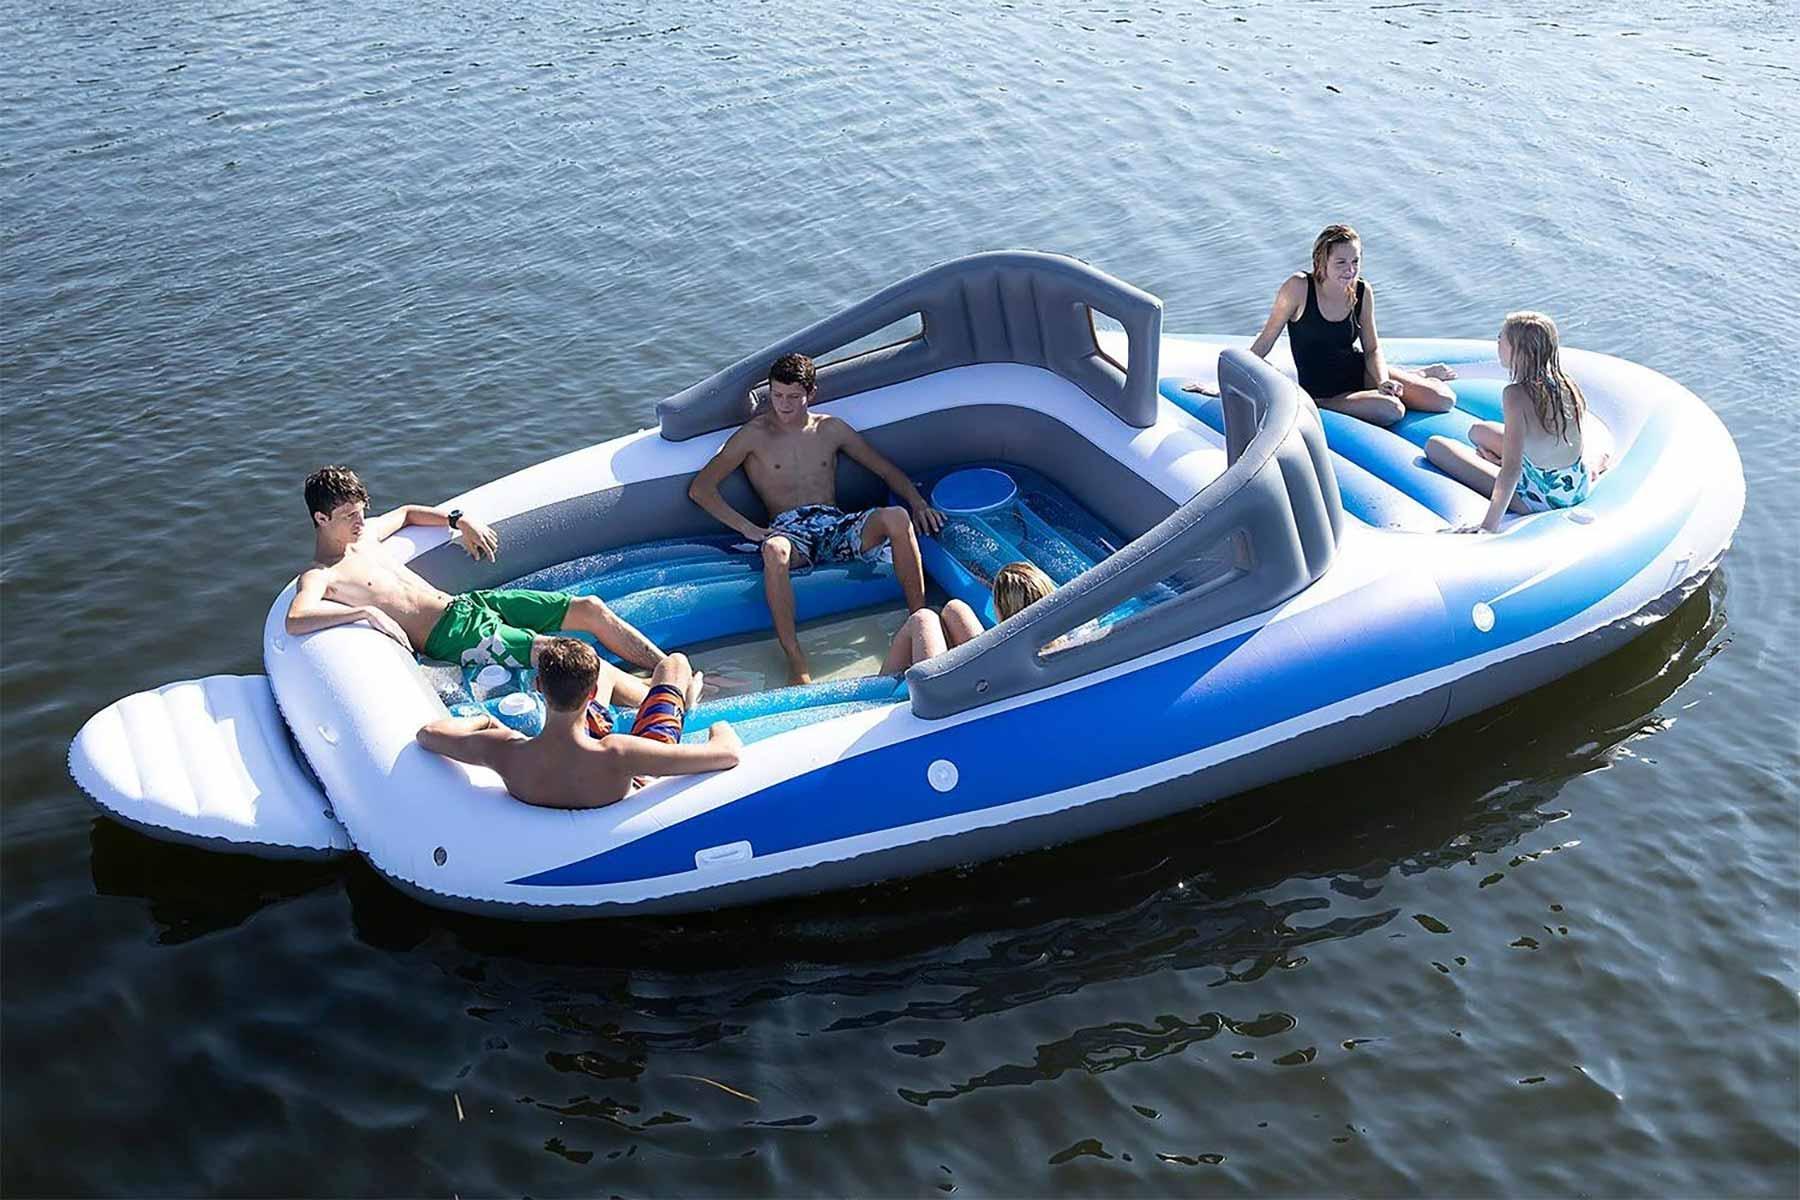 Aufblasbares Sportboot als chillige Badeinsel aufblasbares-sportboot-badeinsel_01